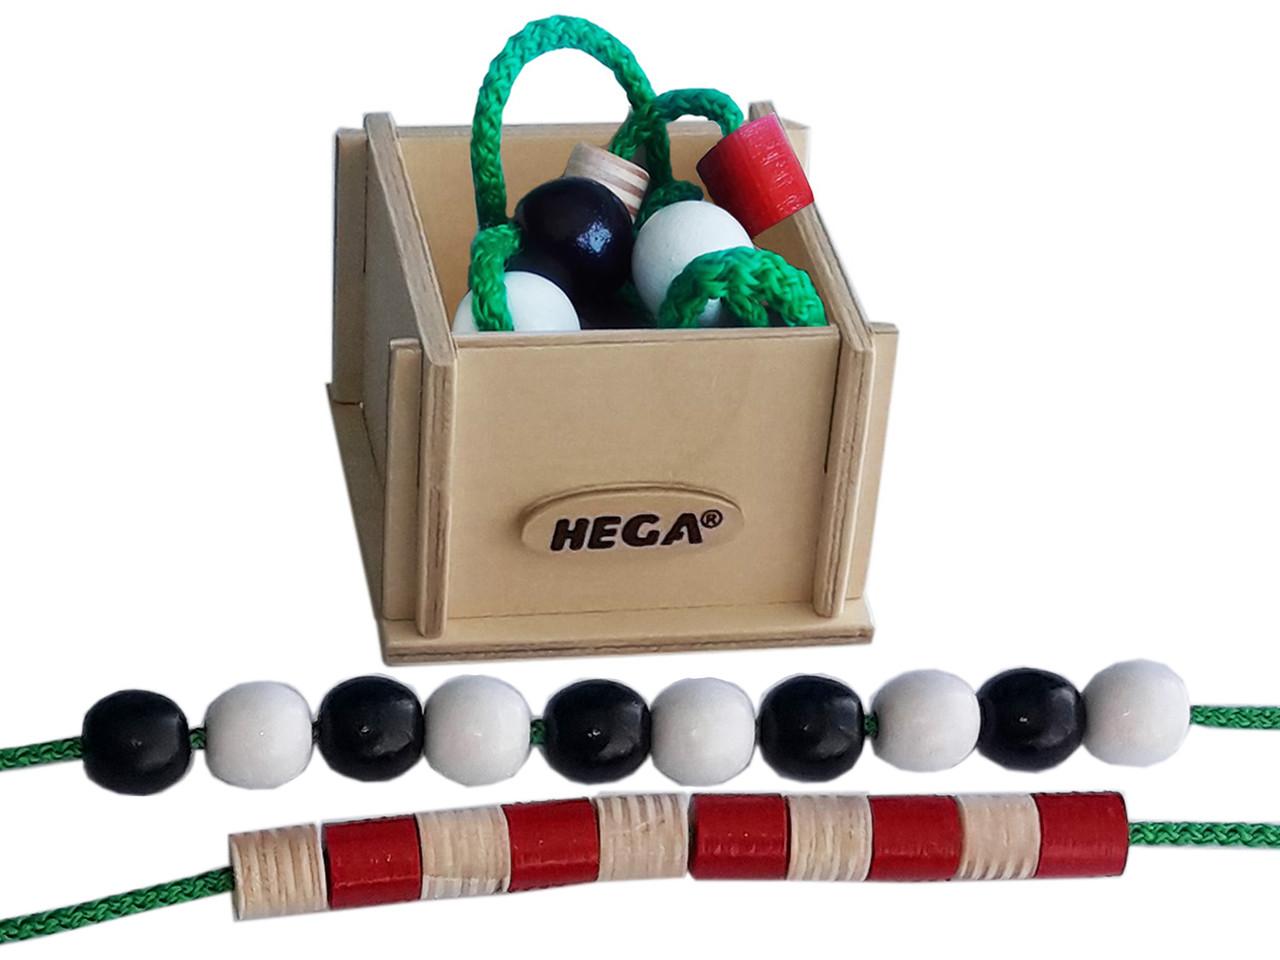 Шнурівка HEGA Буси в дерев'яній коробці. Набір для рахунку.